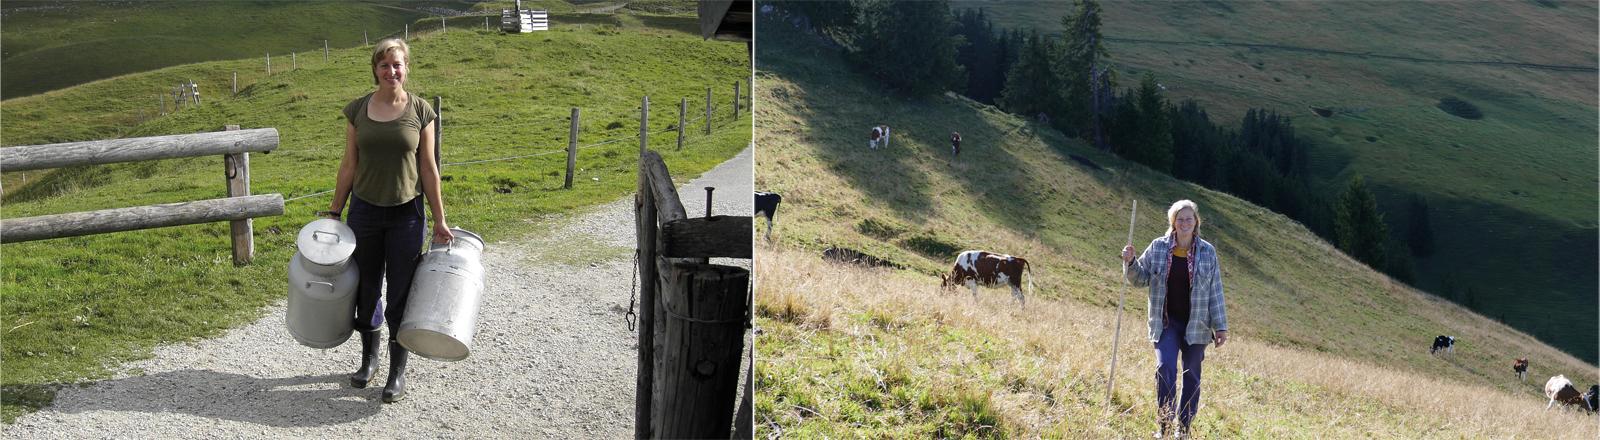 Mit Milchkannen und bei der Hütearbeit: die Autorin Katharina Afflerbach auf der Alp